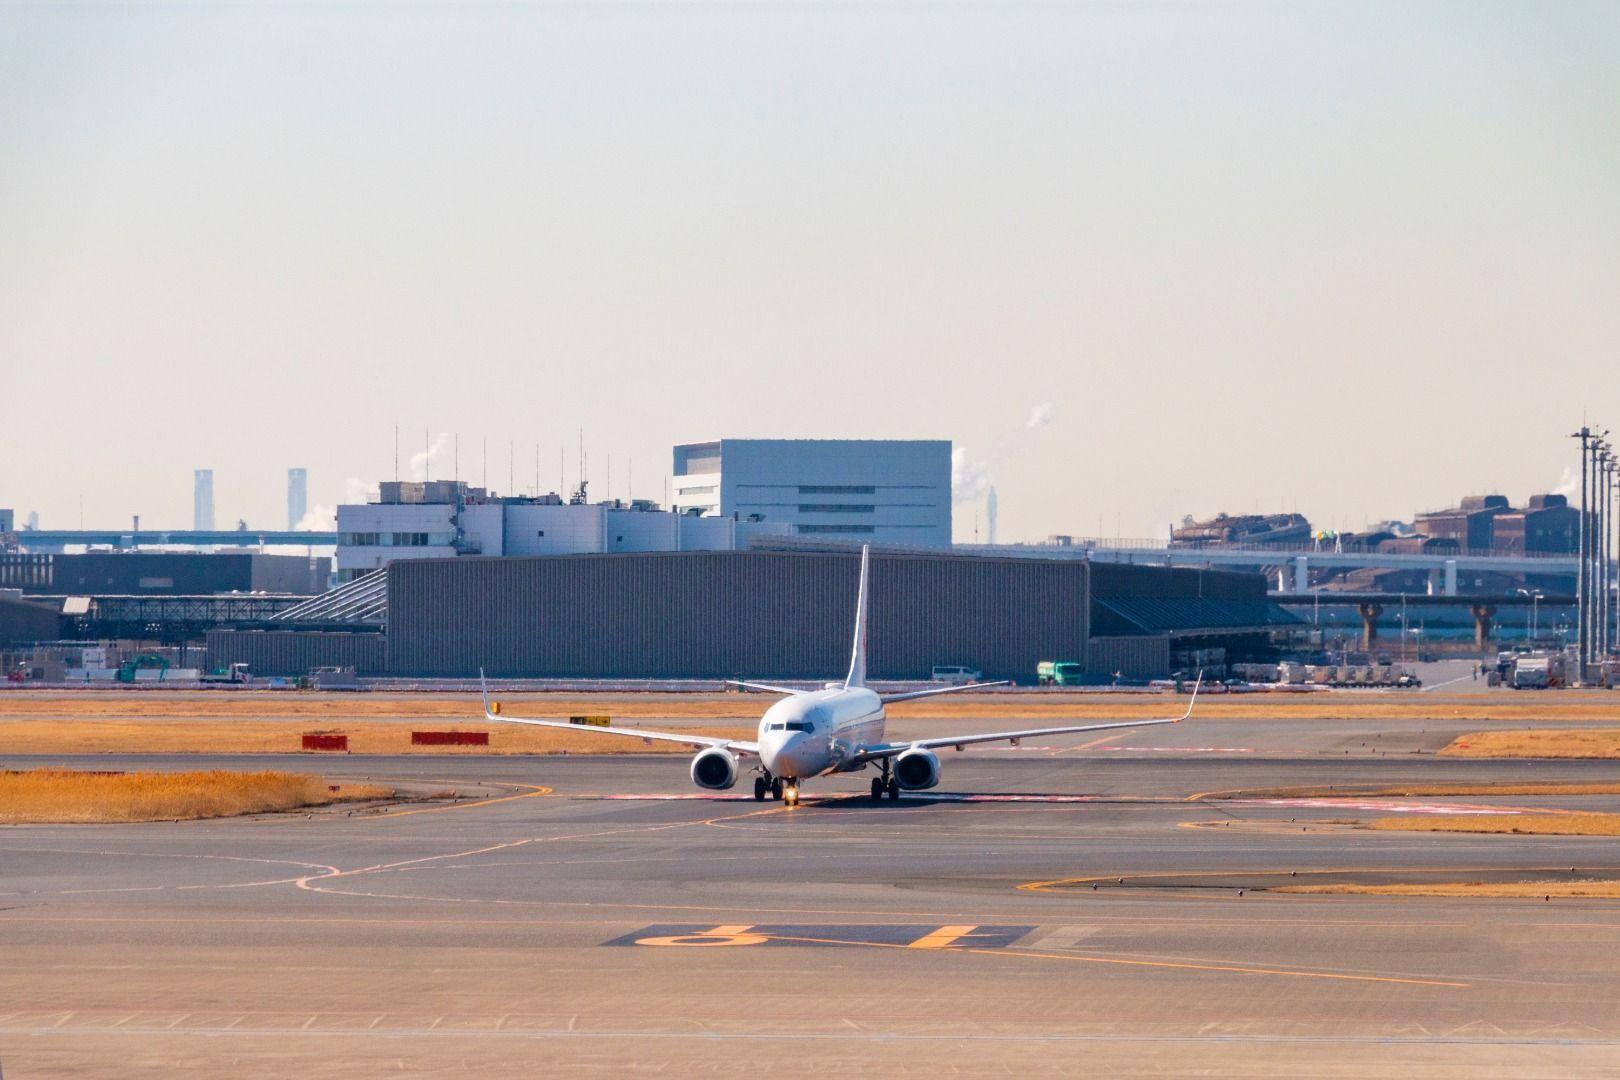 Tokyo Haneda Airport